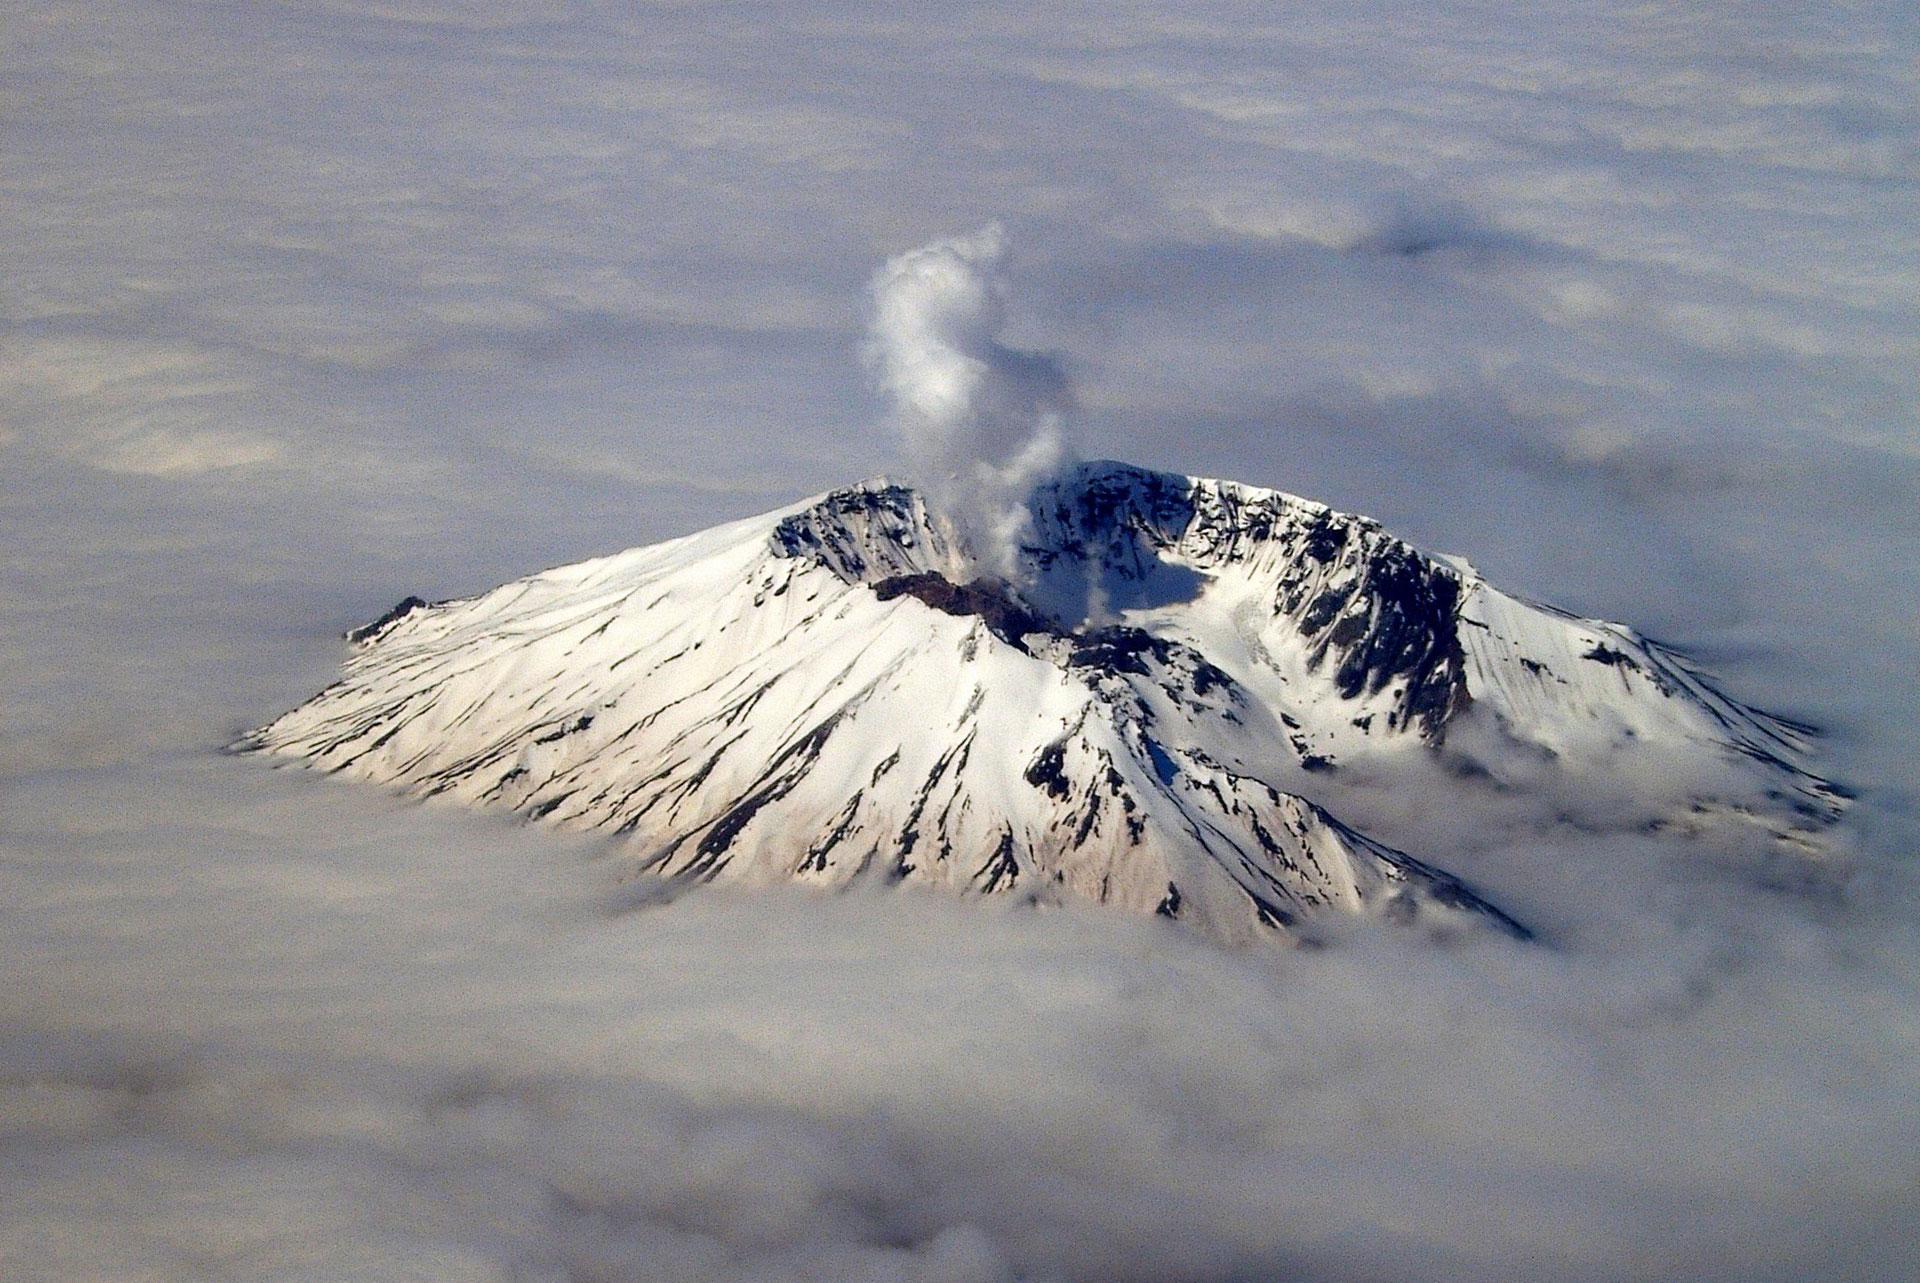 Cuenta con una altitud cercana a los 2550 metros sobre el nivel del mar